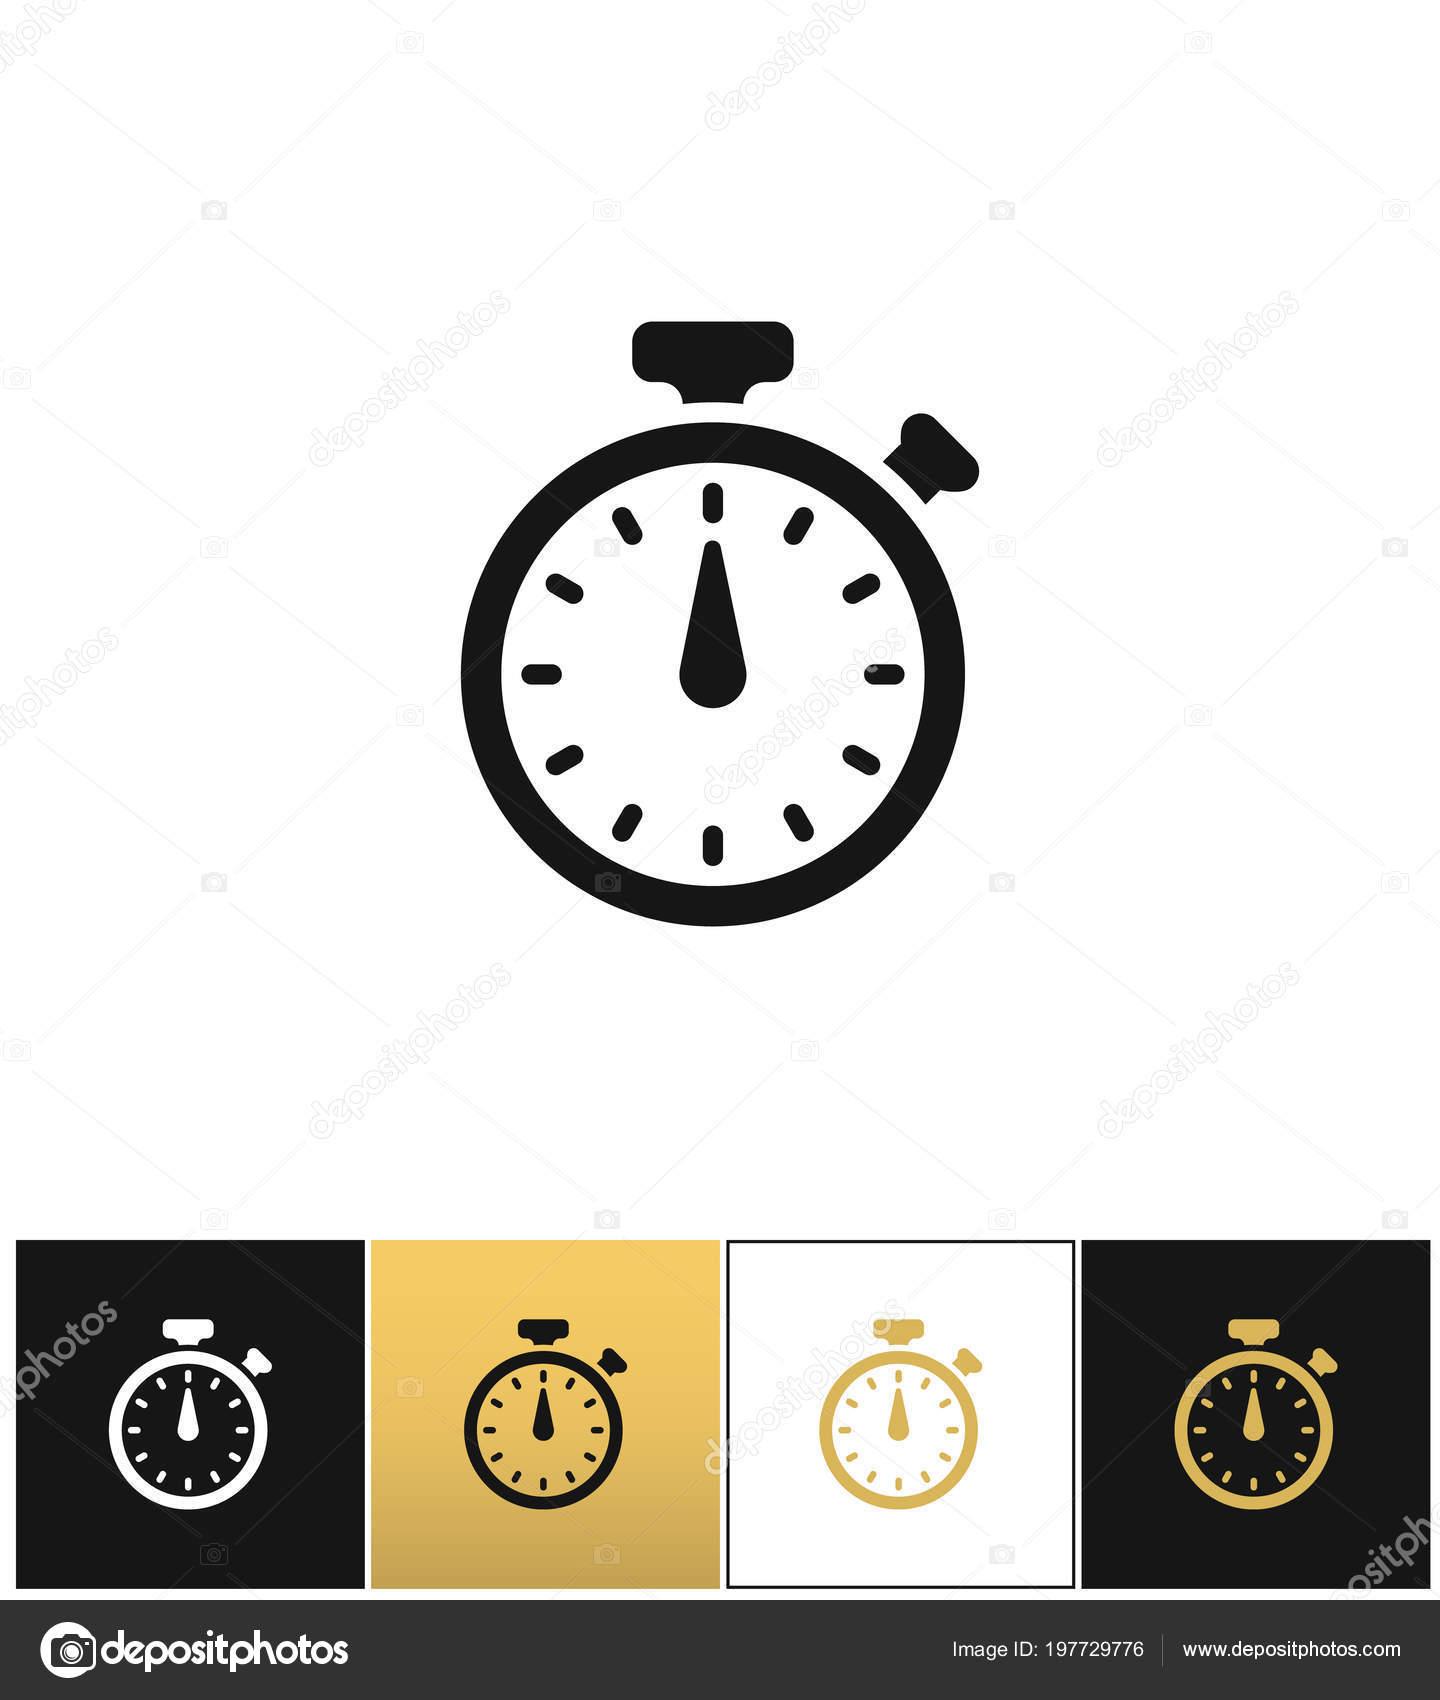 8da2c03ecaa Sinal de cronômetro ou relógio analógico precisão rápida cronômetro  temporizador vector ícone — Vetores de Stock